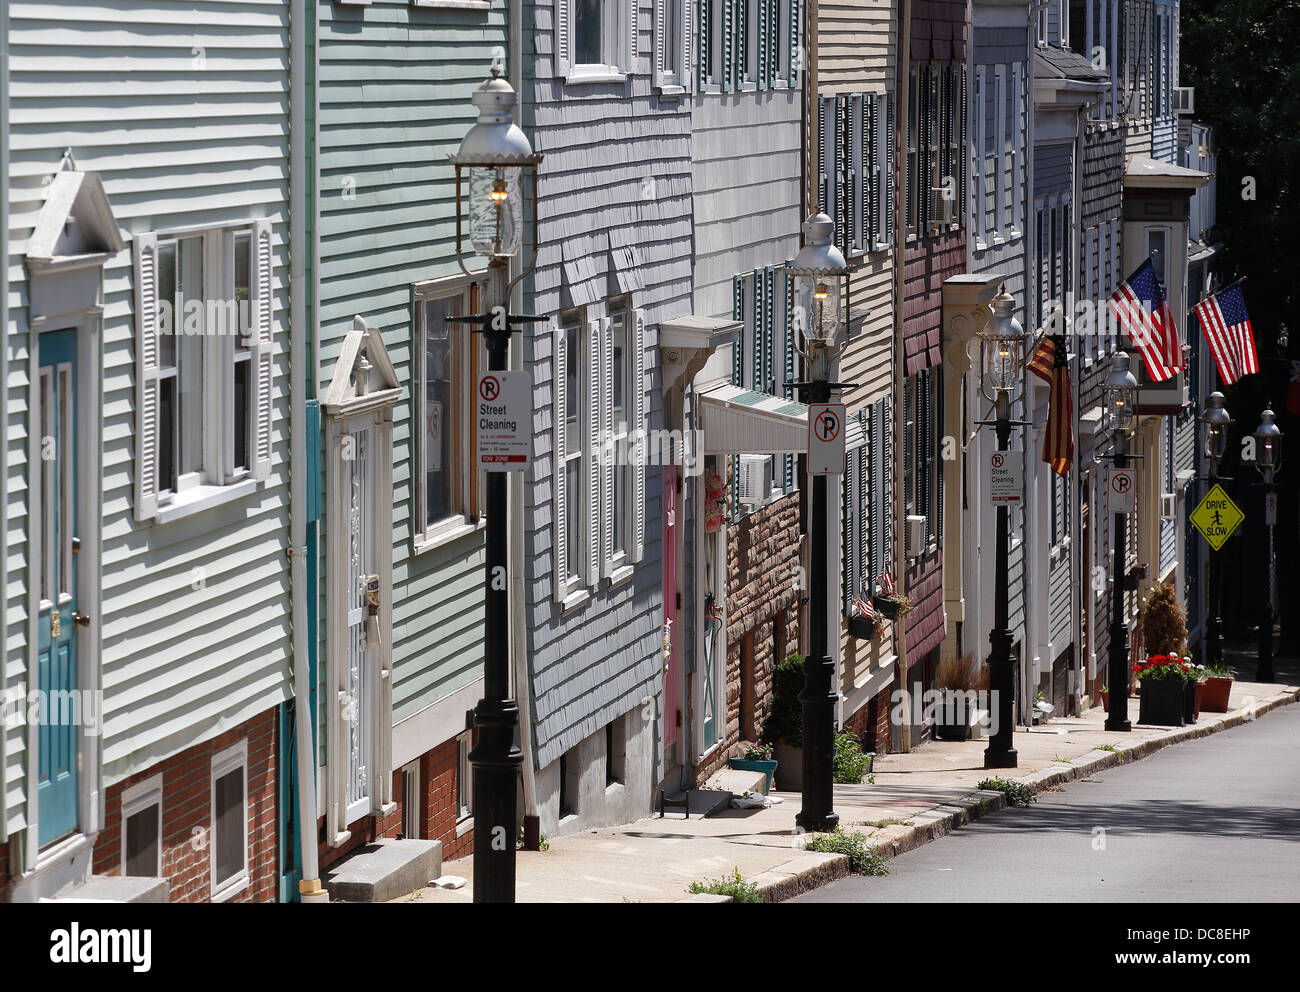 Des lampes à gaz et les maisons en rangée menant à Bunker Hill Monument situé sur le Freedom Photo Stock